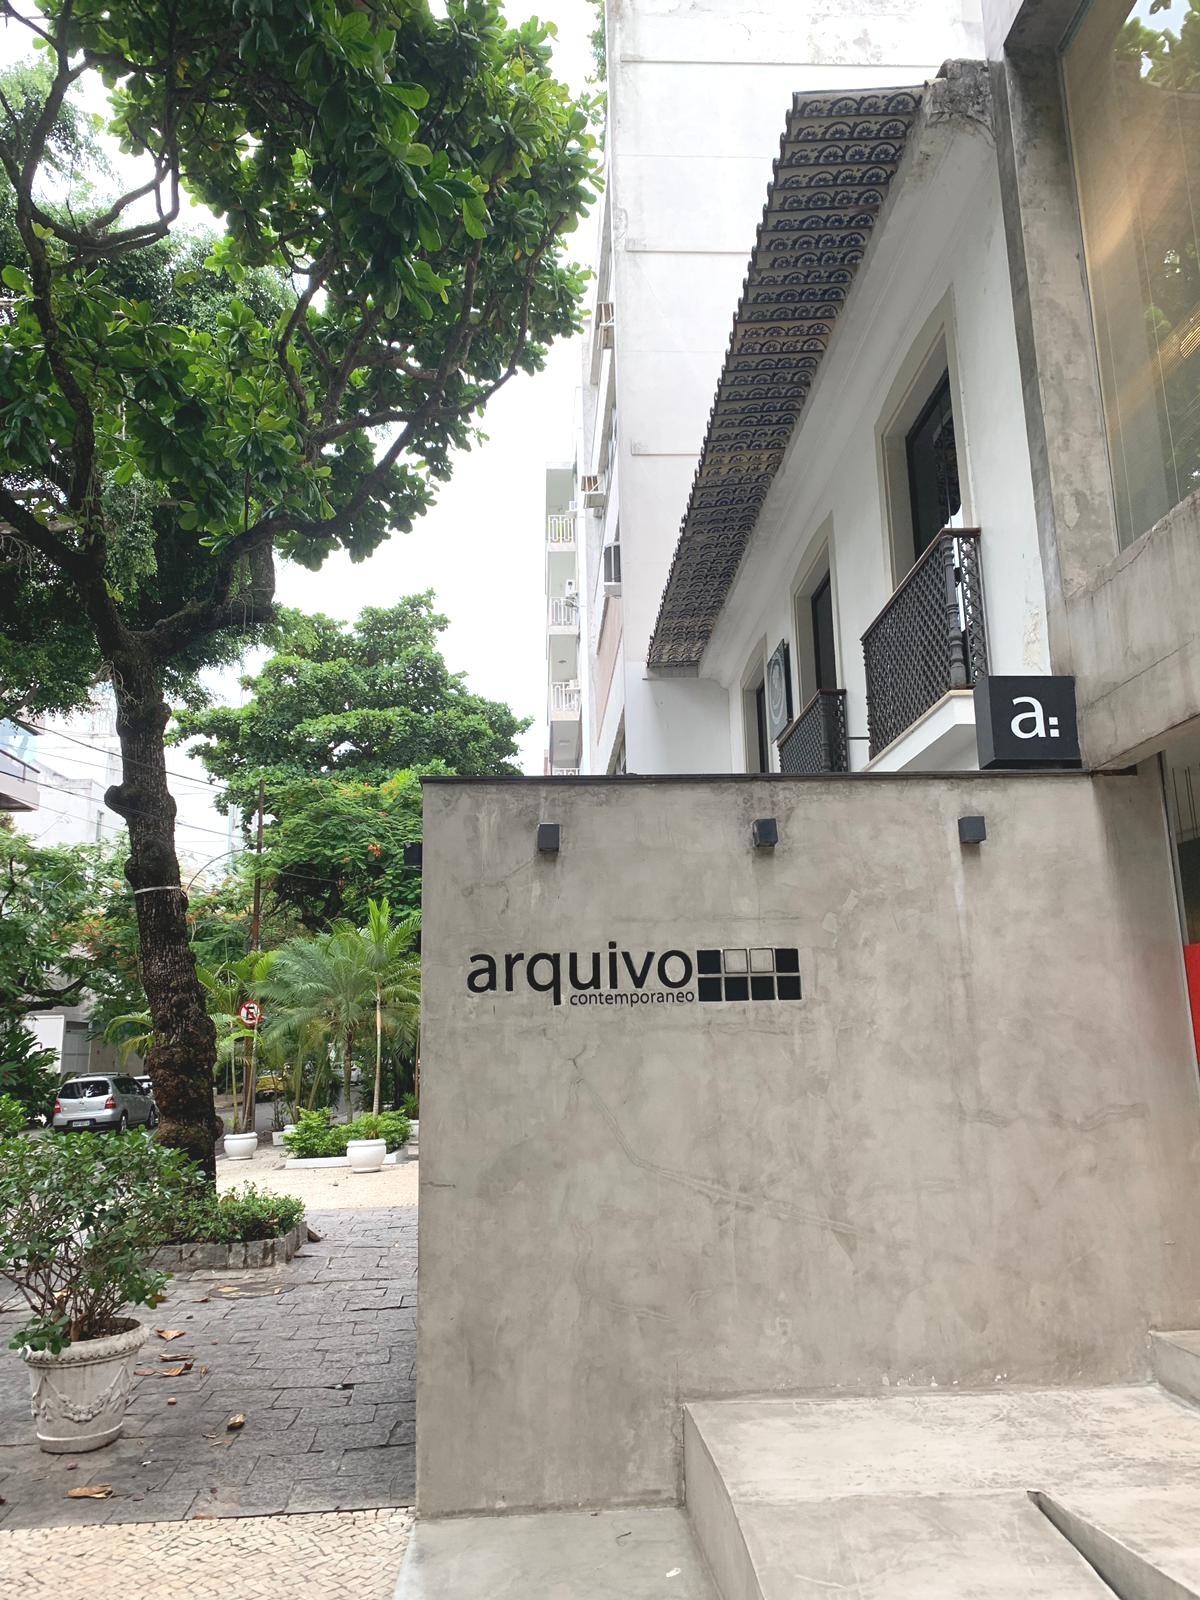 Arquivo Contemporâneo, Rio de Janeiro